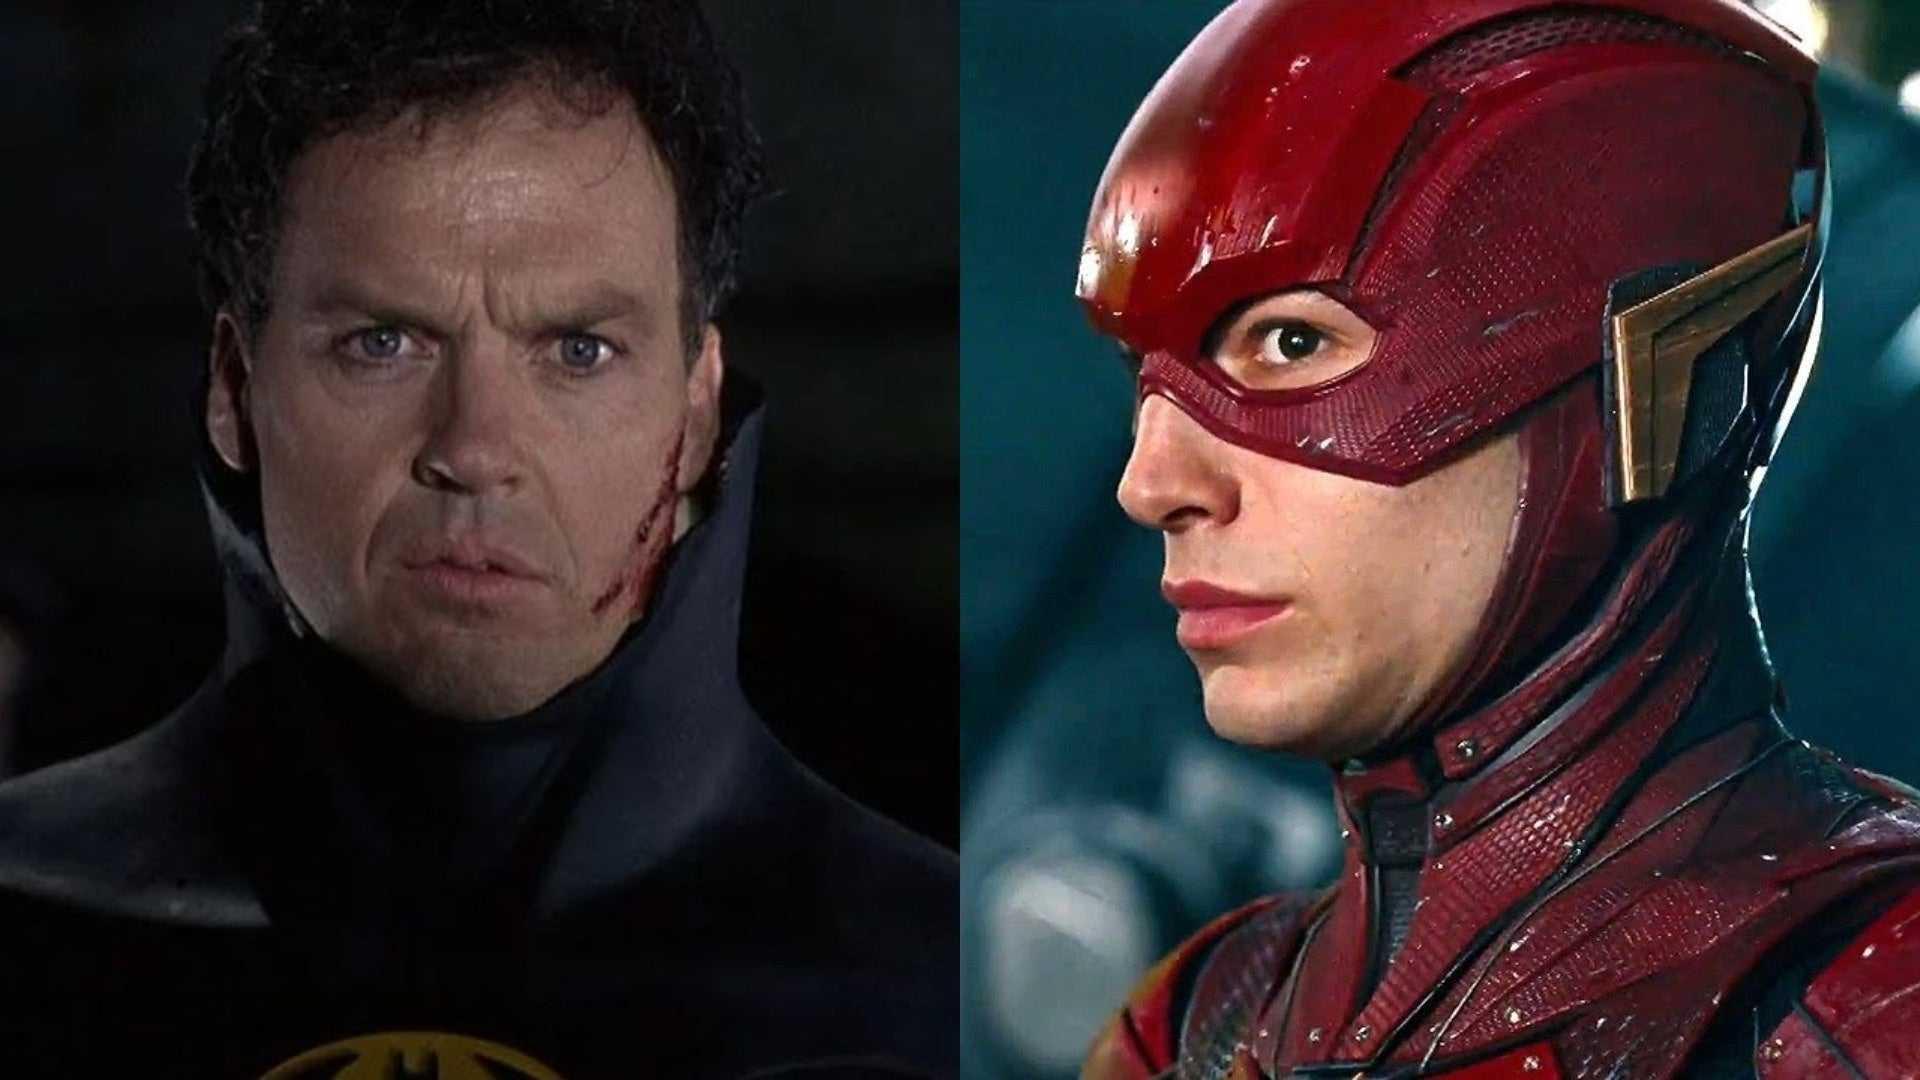 The Flash The Film: Michael Keaton confirmado en Batman y se dio a conocer el logo animado de la película